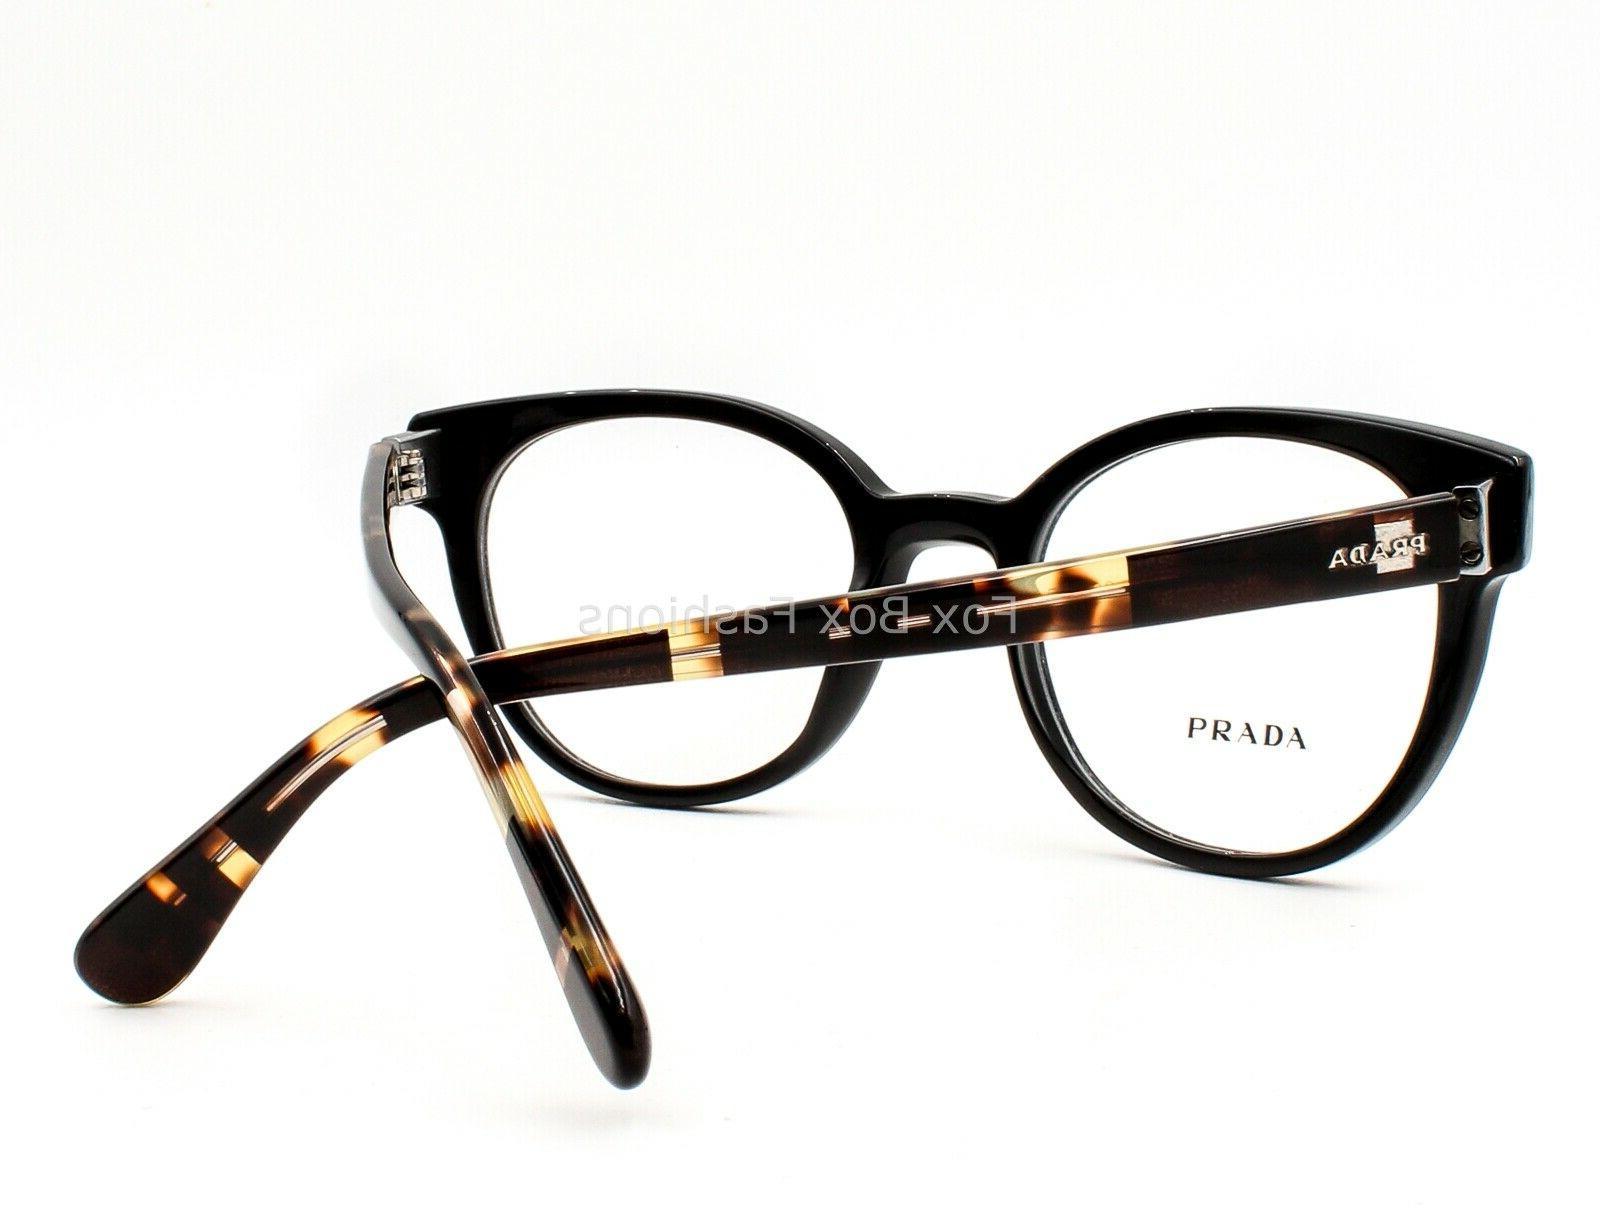 Prada VPR 06T 1AB-1O1 Eyeglasses on Size 50-20-135